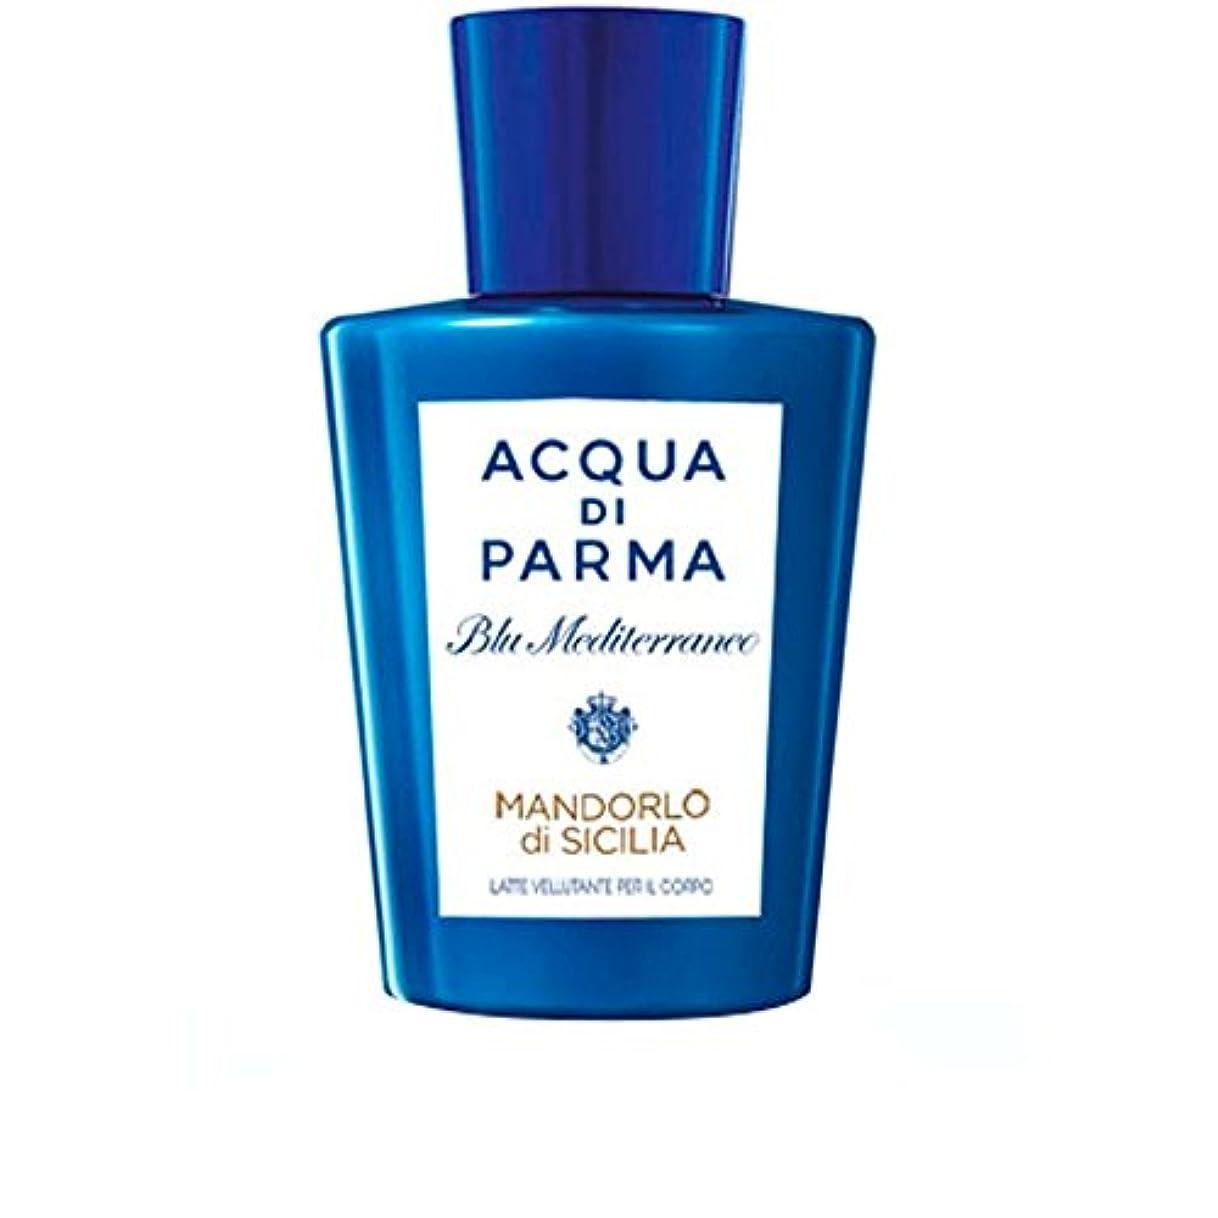 確かなシルク頭痛アクアディパルママンドルロ?ディ?シチリア至福のボディローション200 x4 - Acqua Di Parma Mandorlo Di Sicilia Pampering Body Lotion 200ml (Pack...